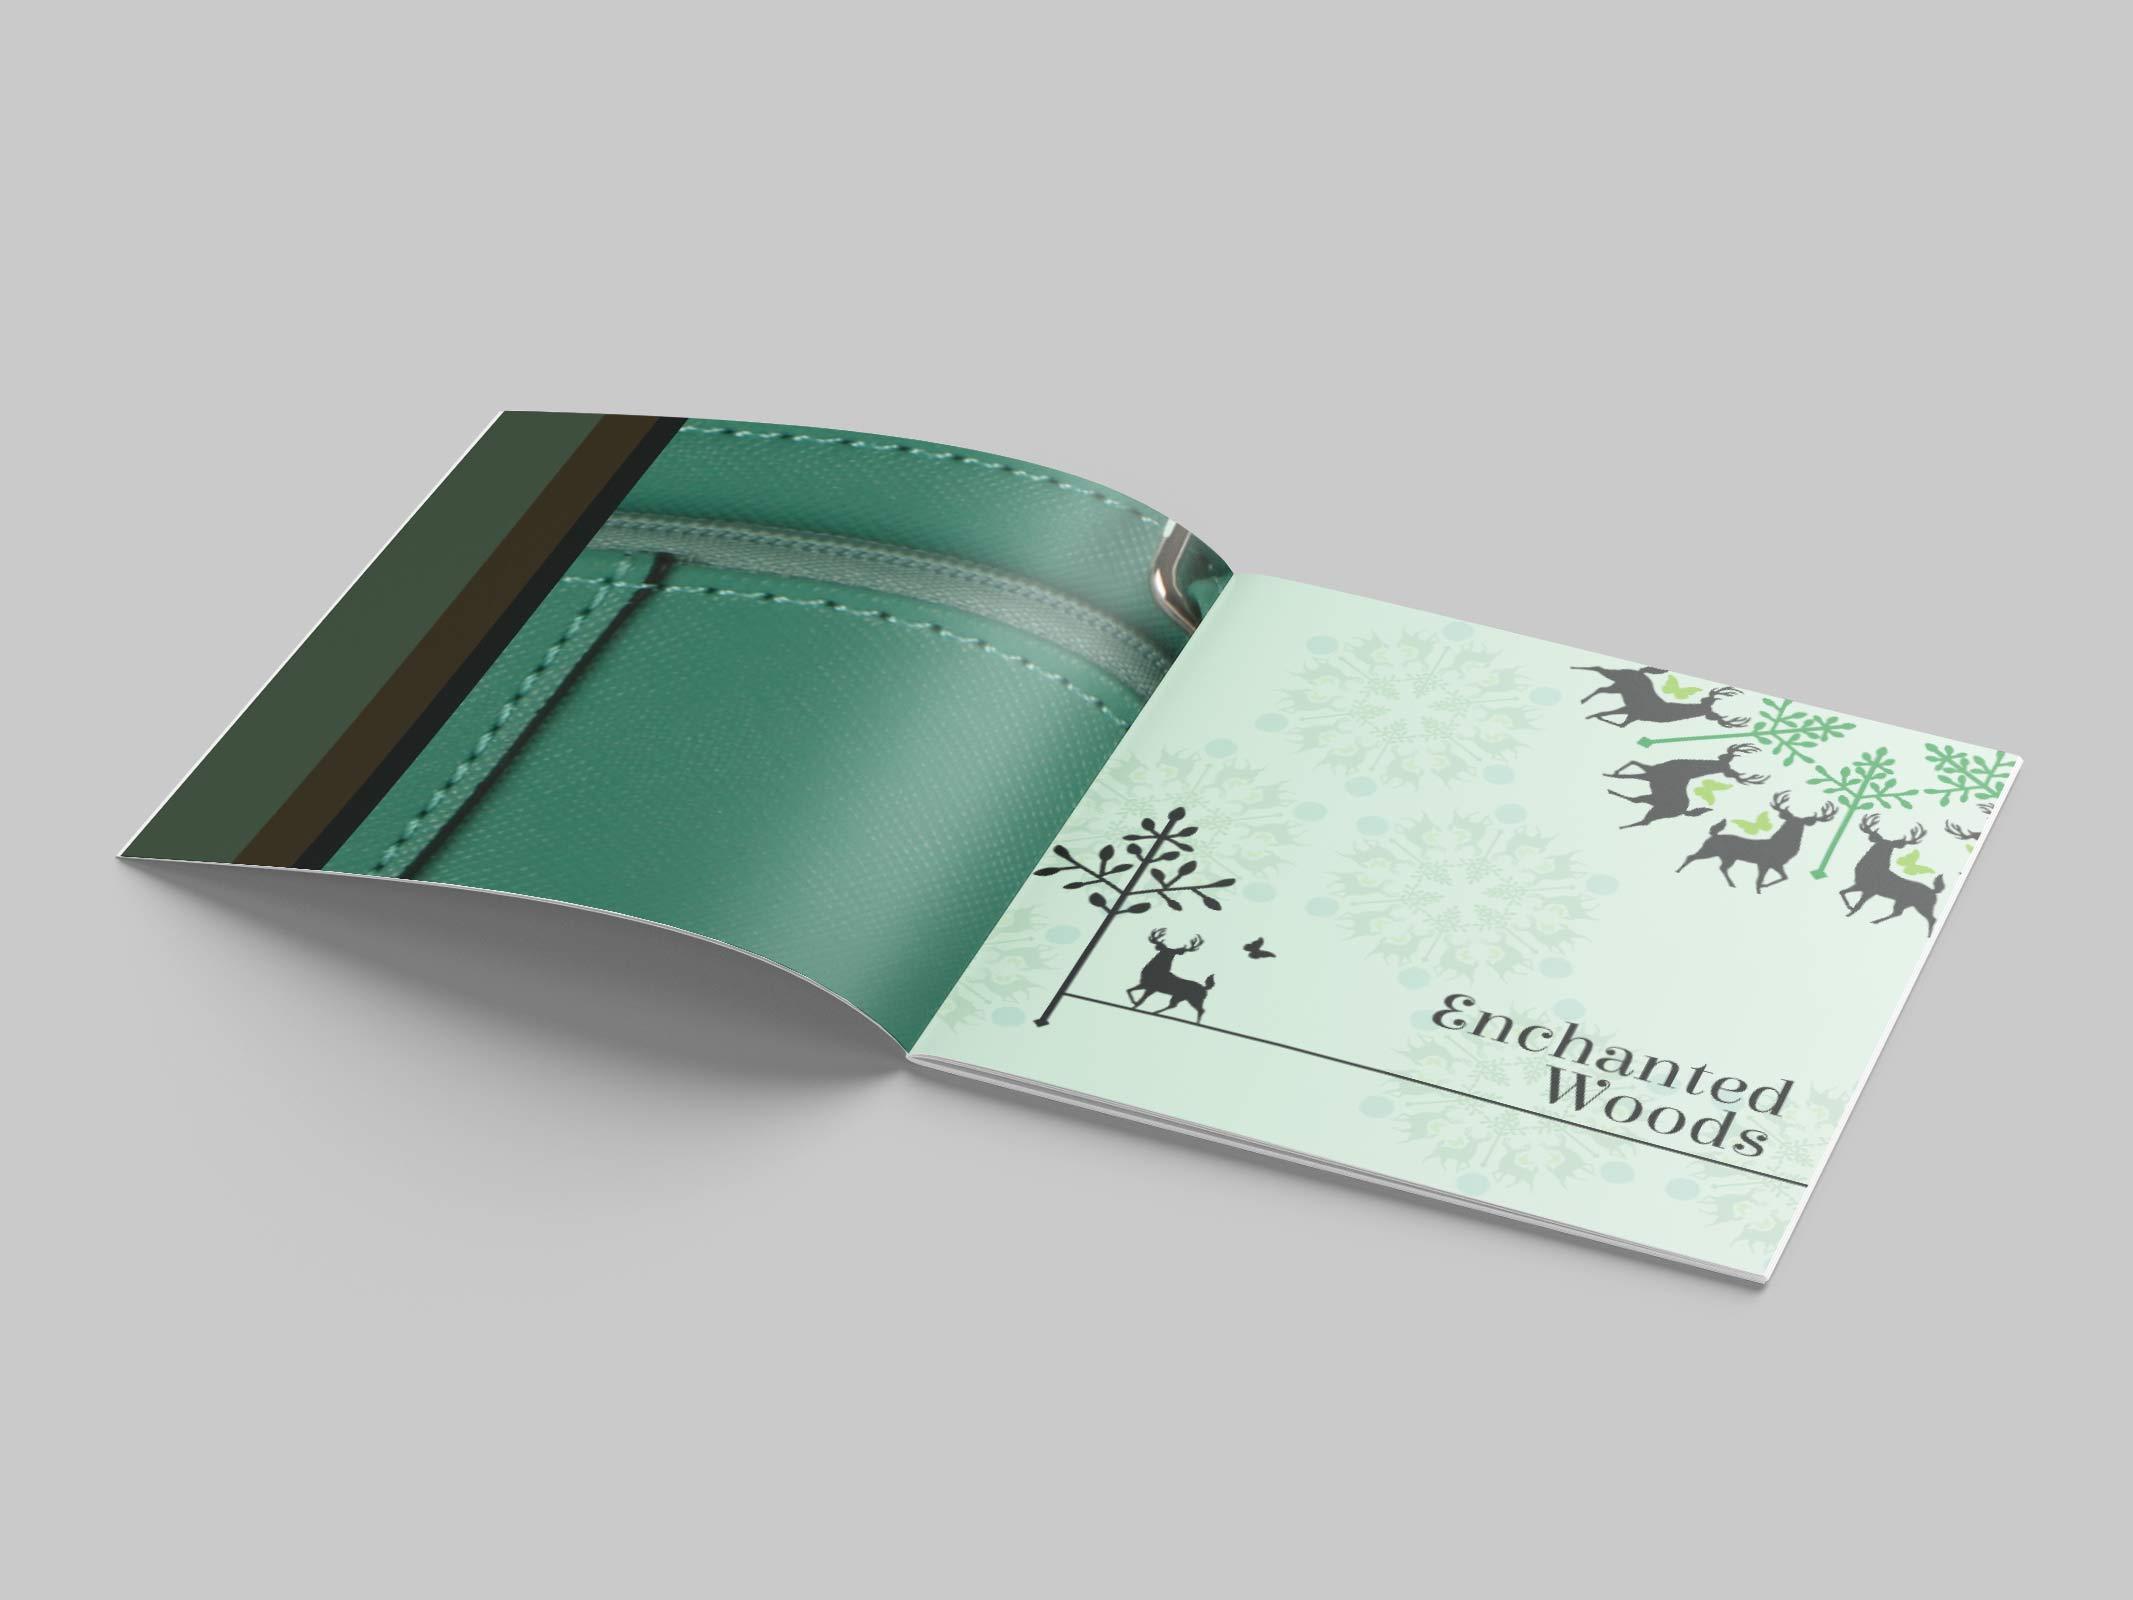 Square_Brochure_Mockup_3